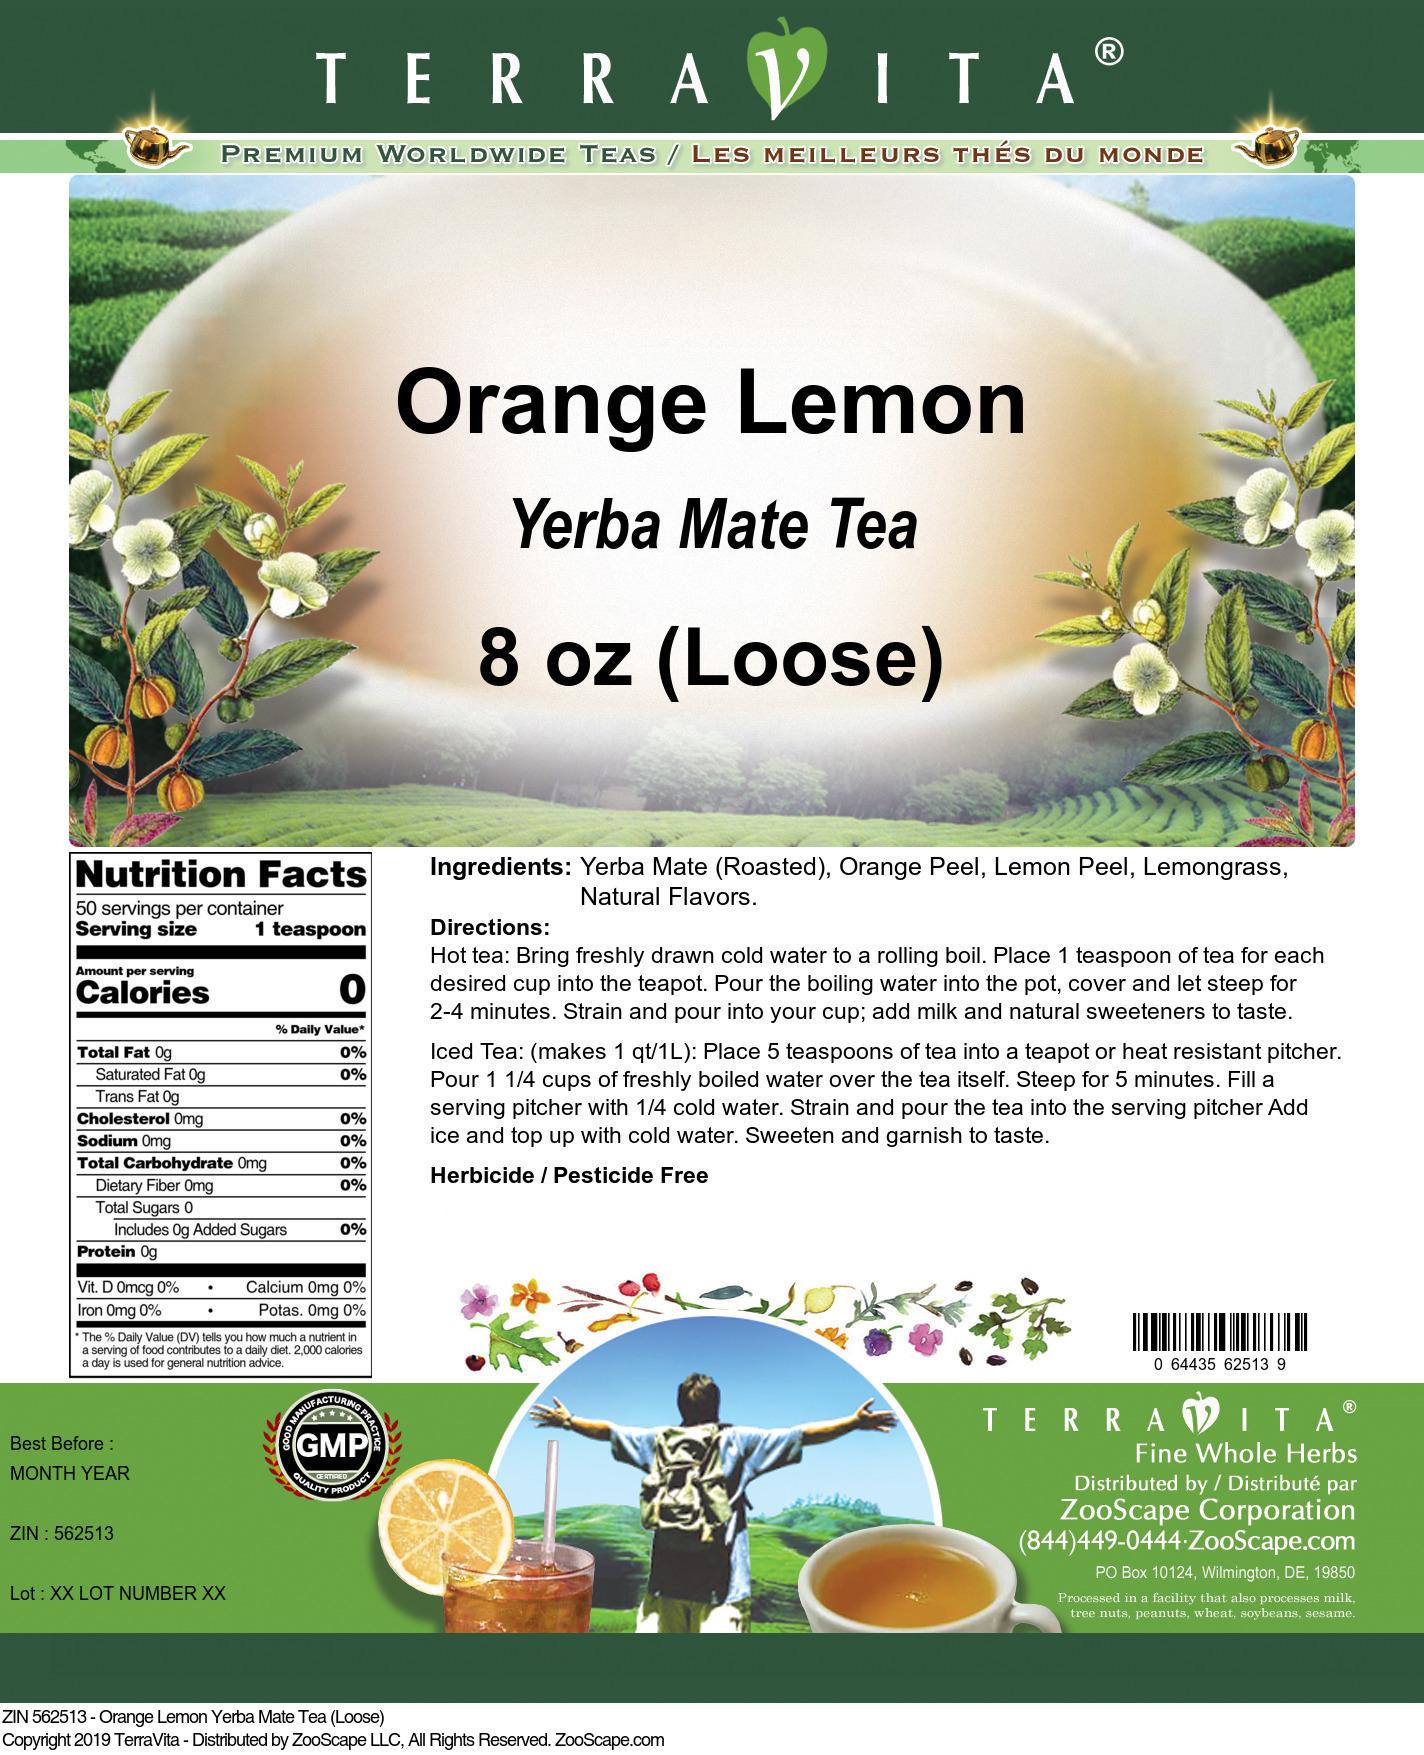 Orange Lemon Yerba Mate Tea (Loose)